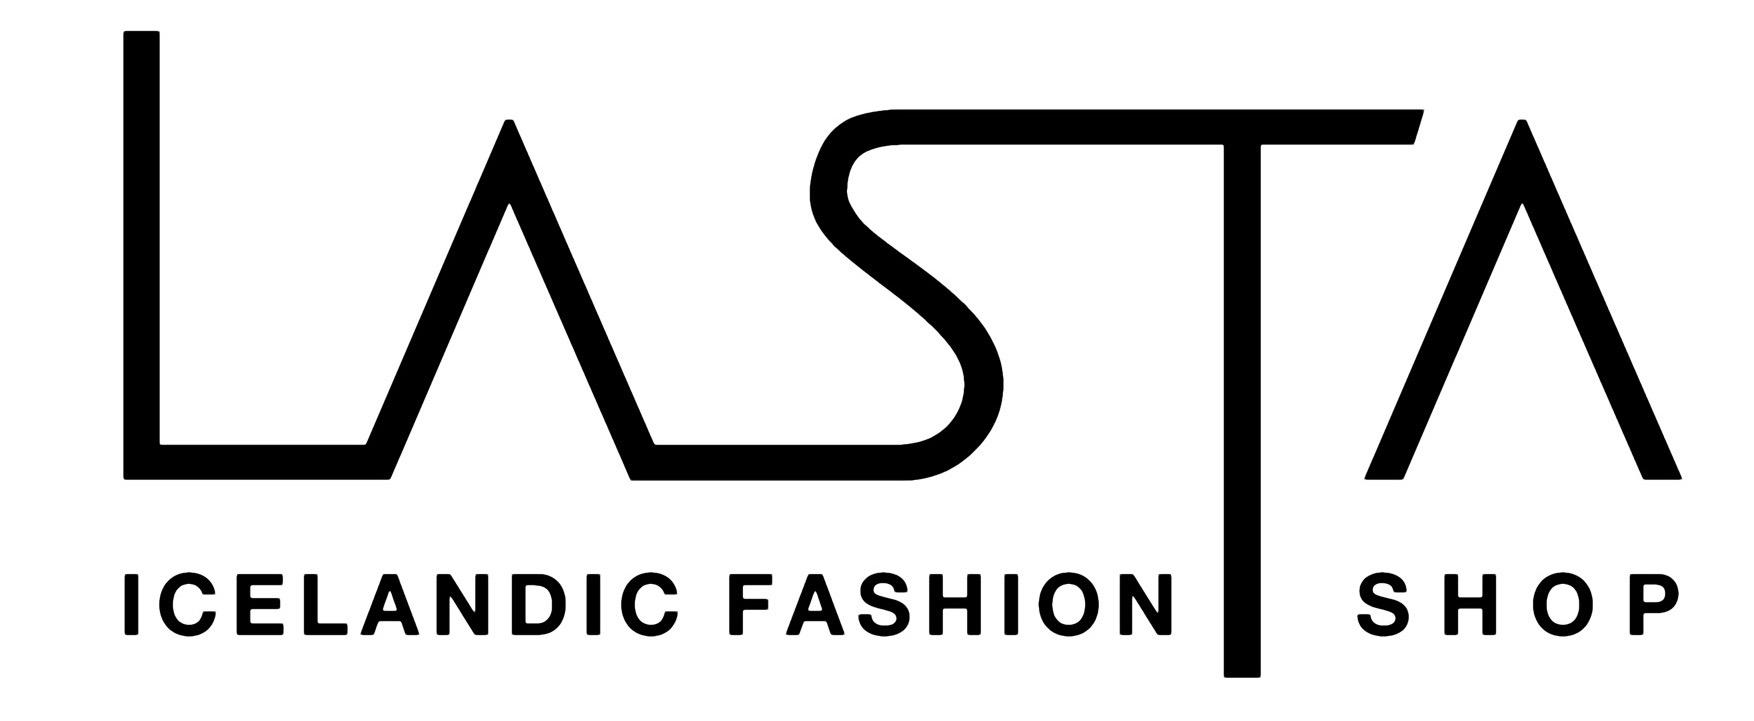 LASTA_logo_-_BLACK_(2).jpg